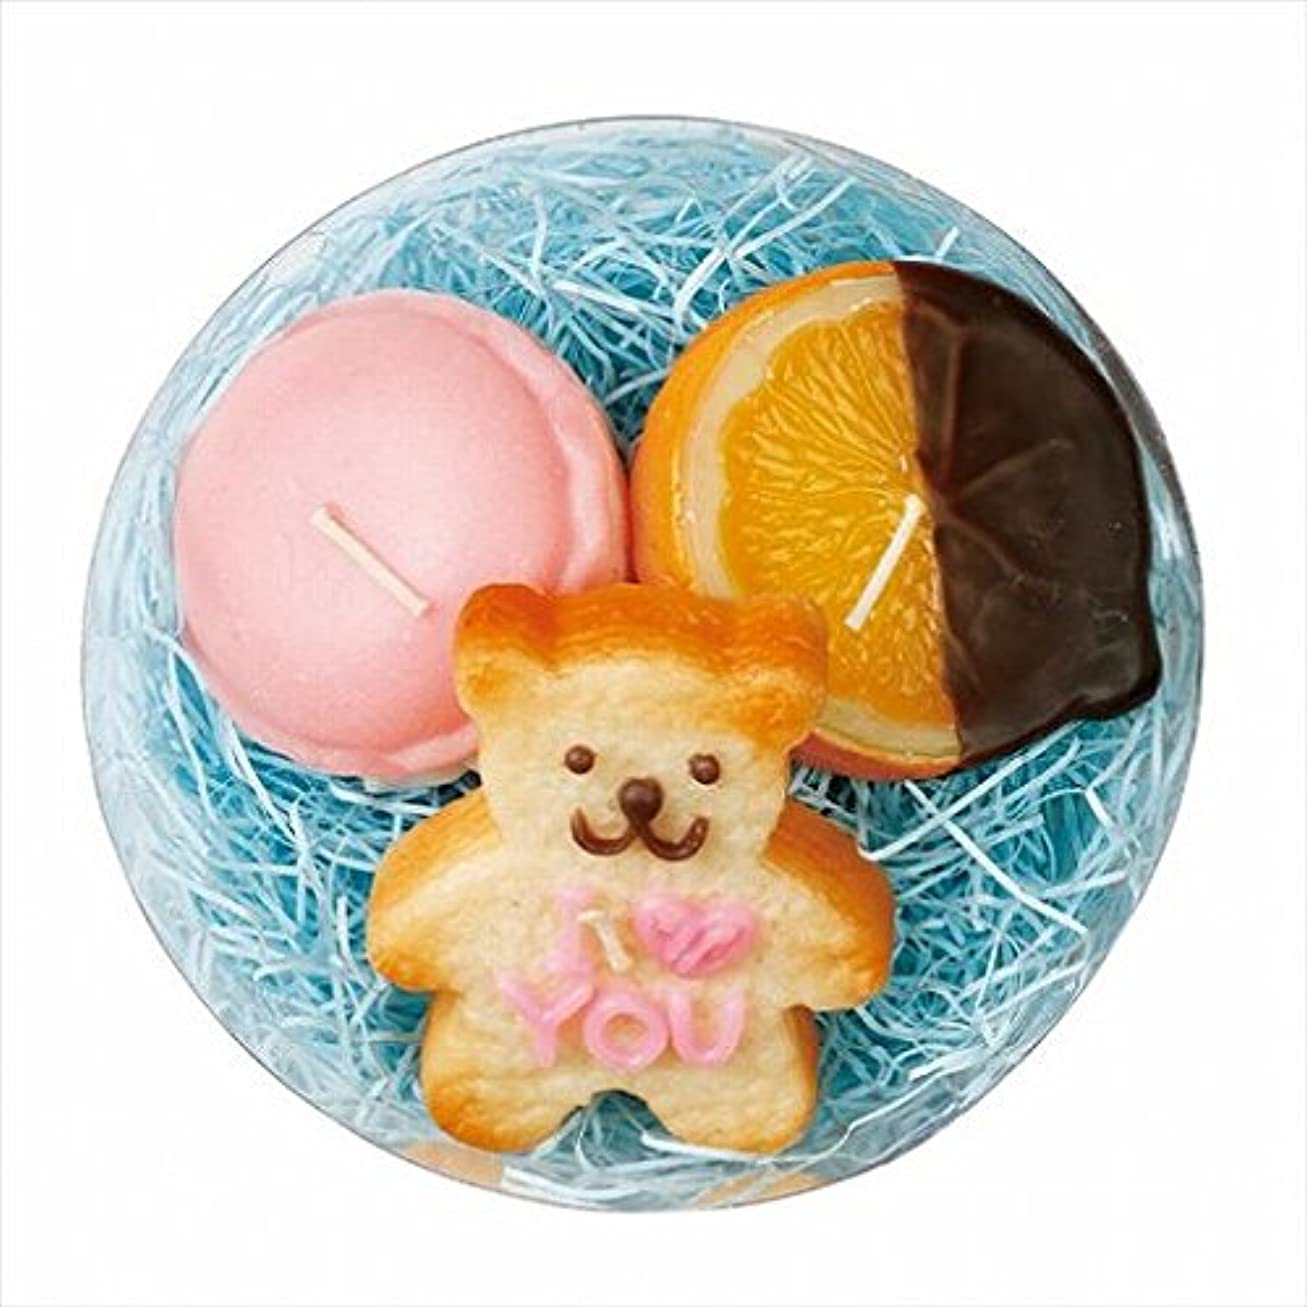 バンケット重大暖かさスイーツキャンドル(sweets candle) プチスイーツキャンドルセット 「 バニラベア 」